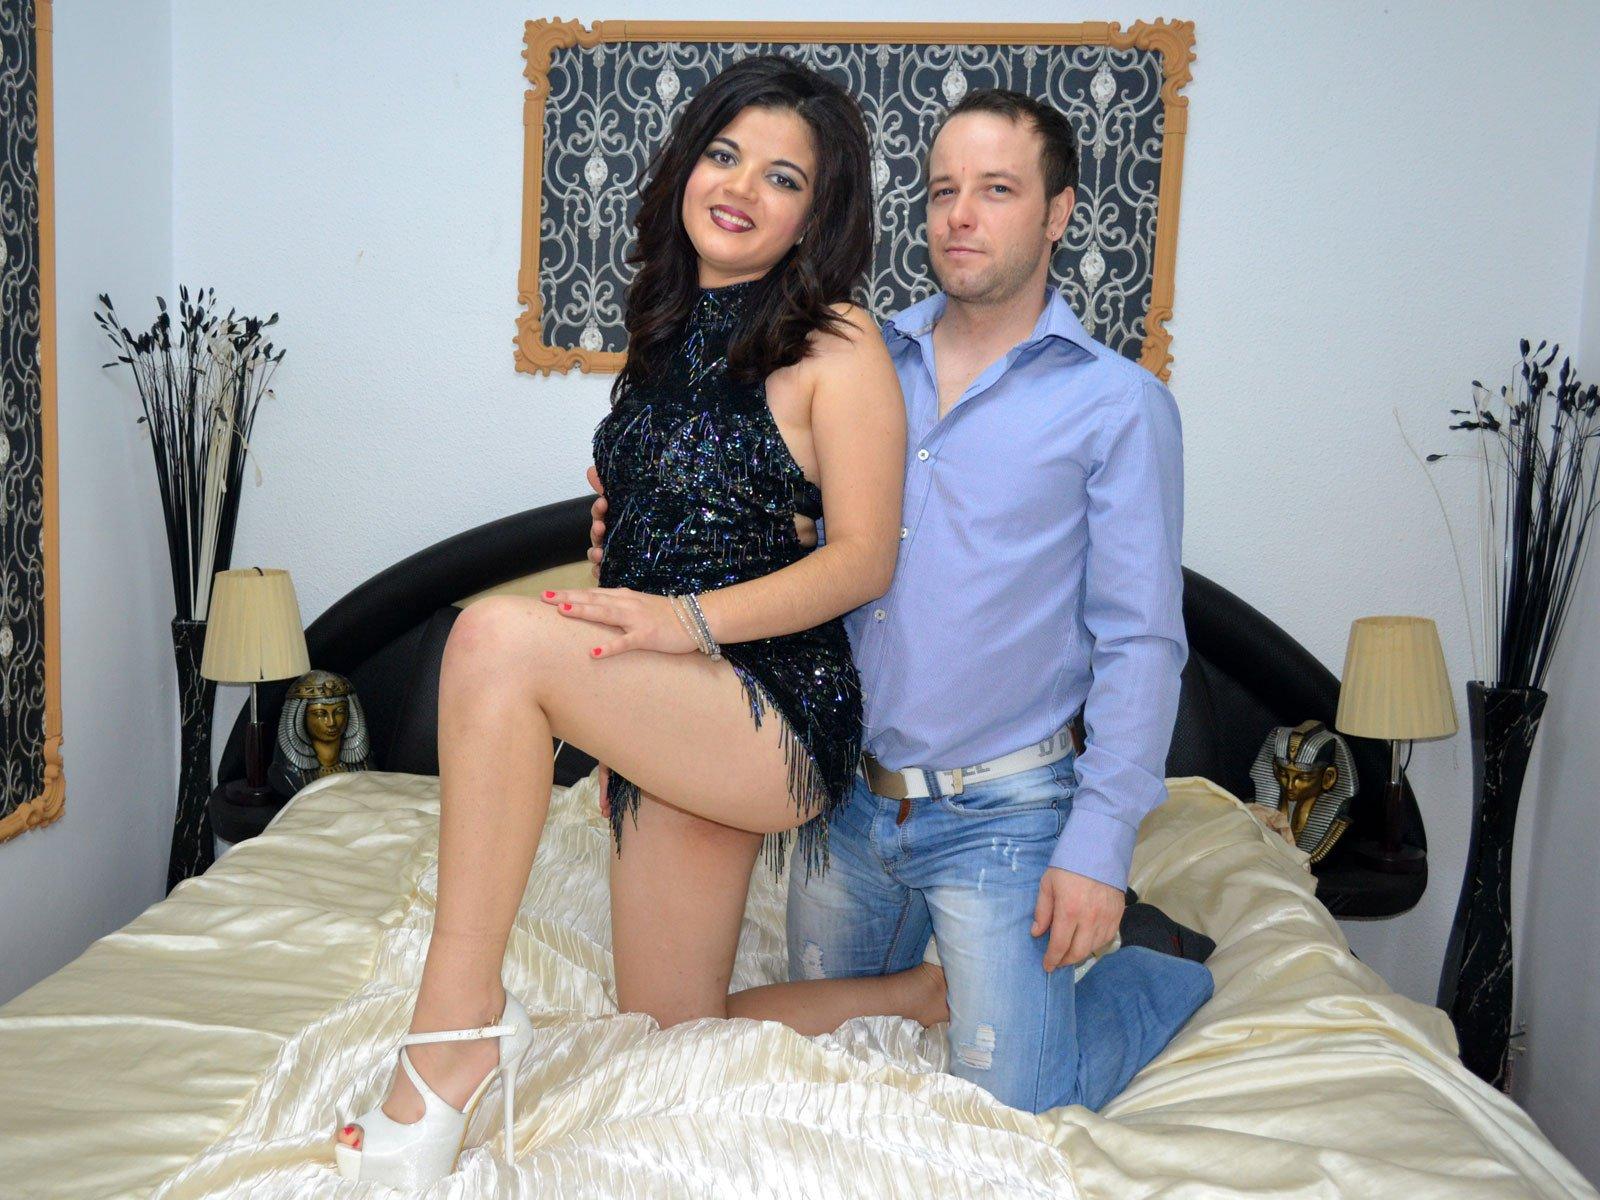 Hot pov amateur couple amazing live sex on webcam